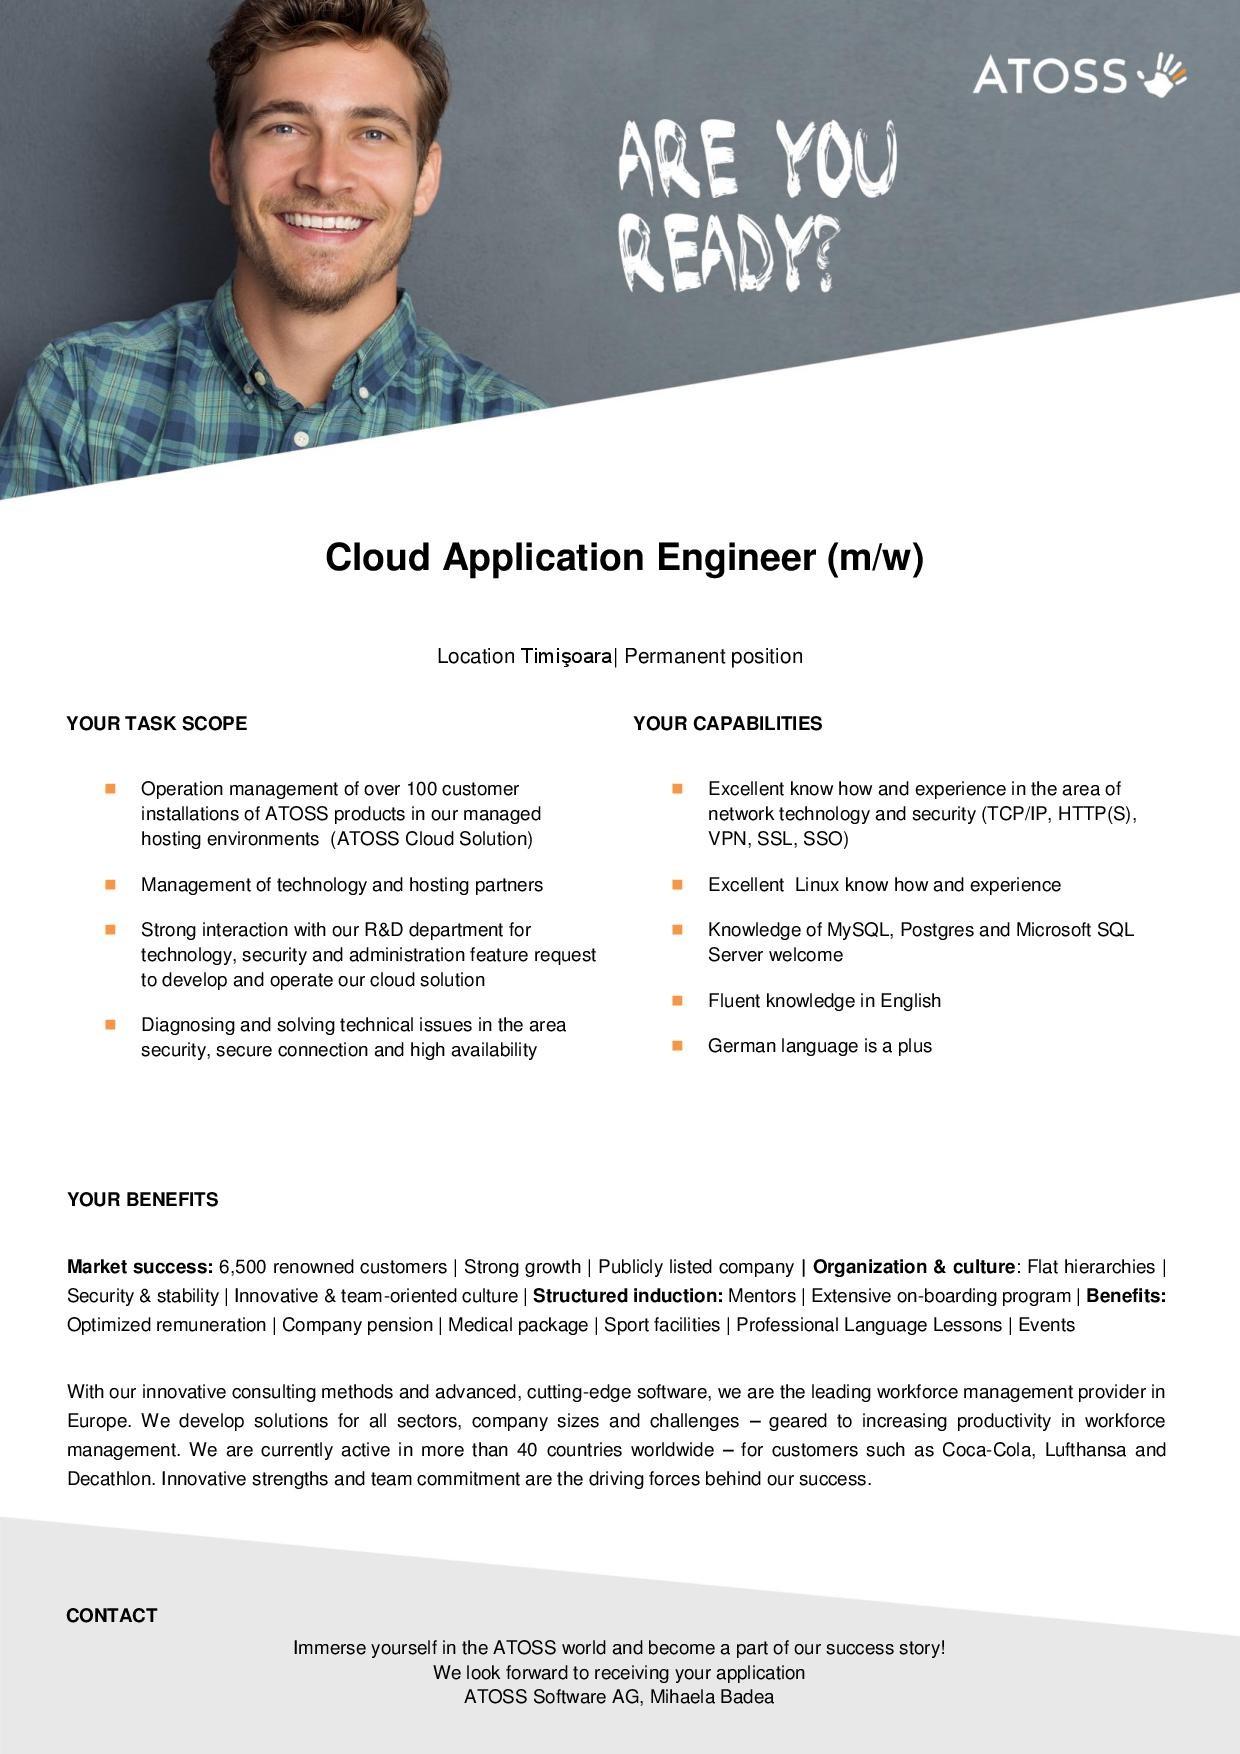 Cloud Application Engineer